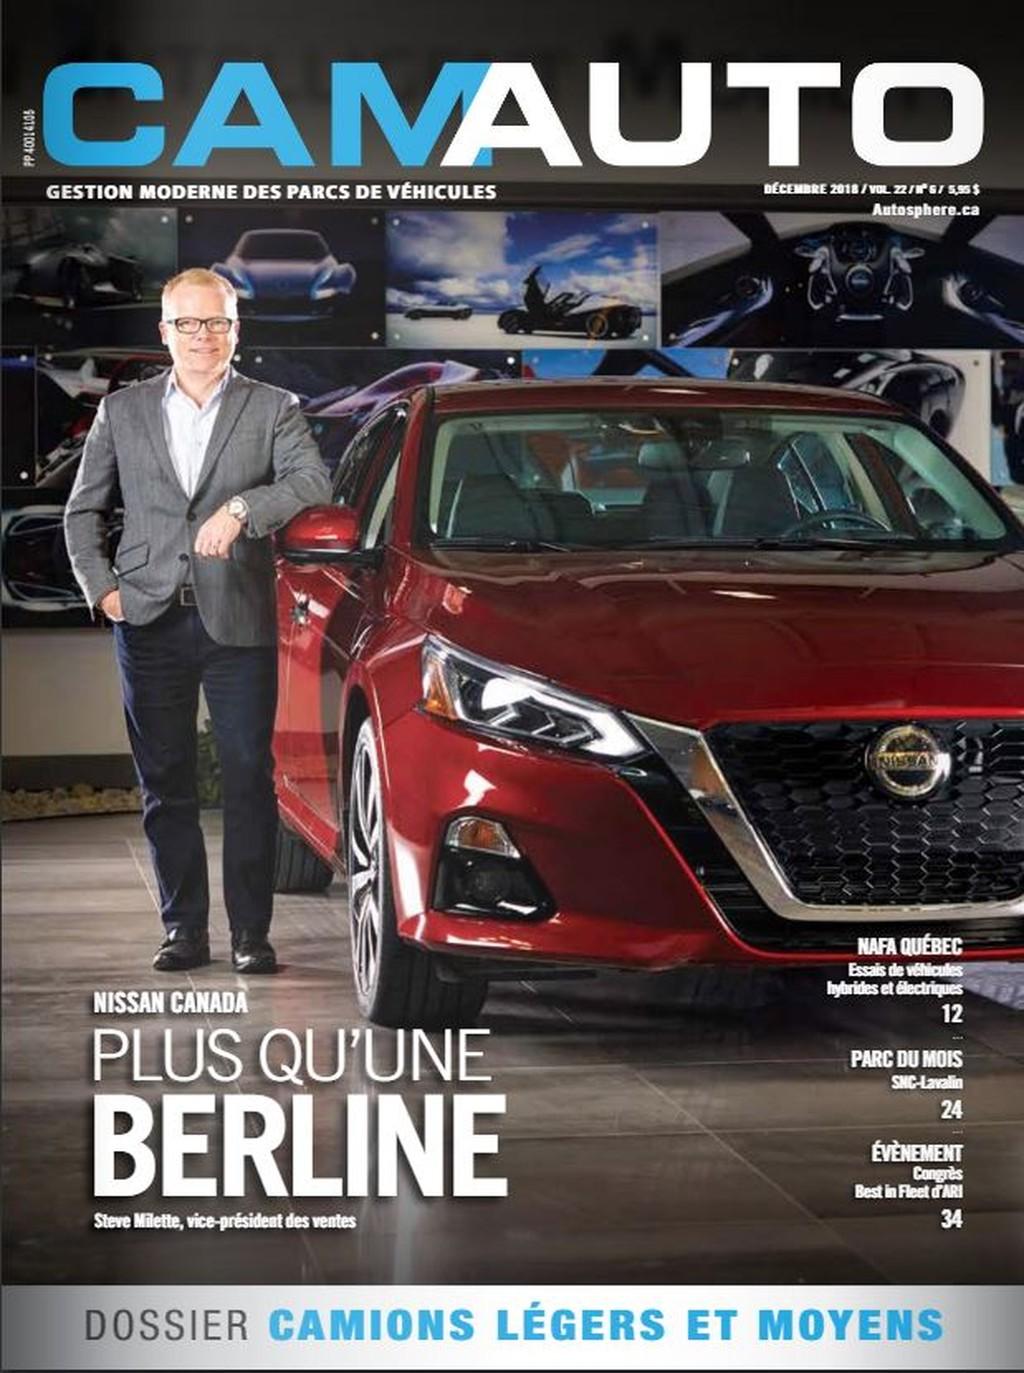 Cover of Camauto magazine